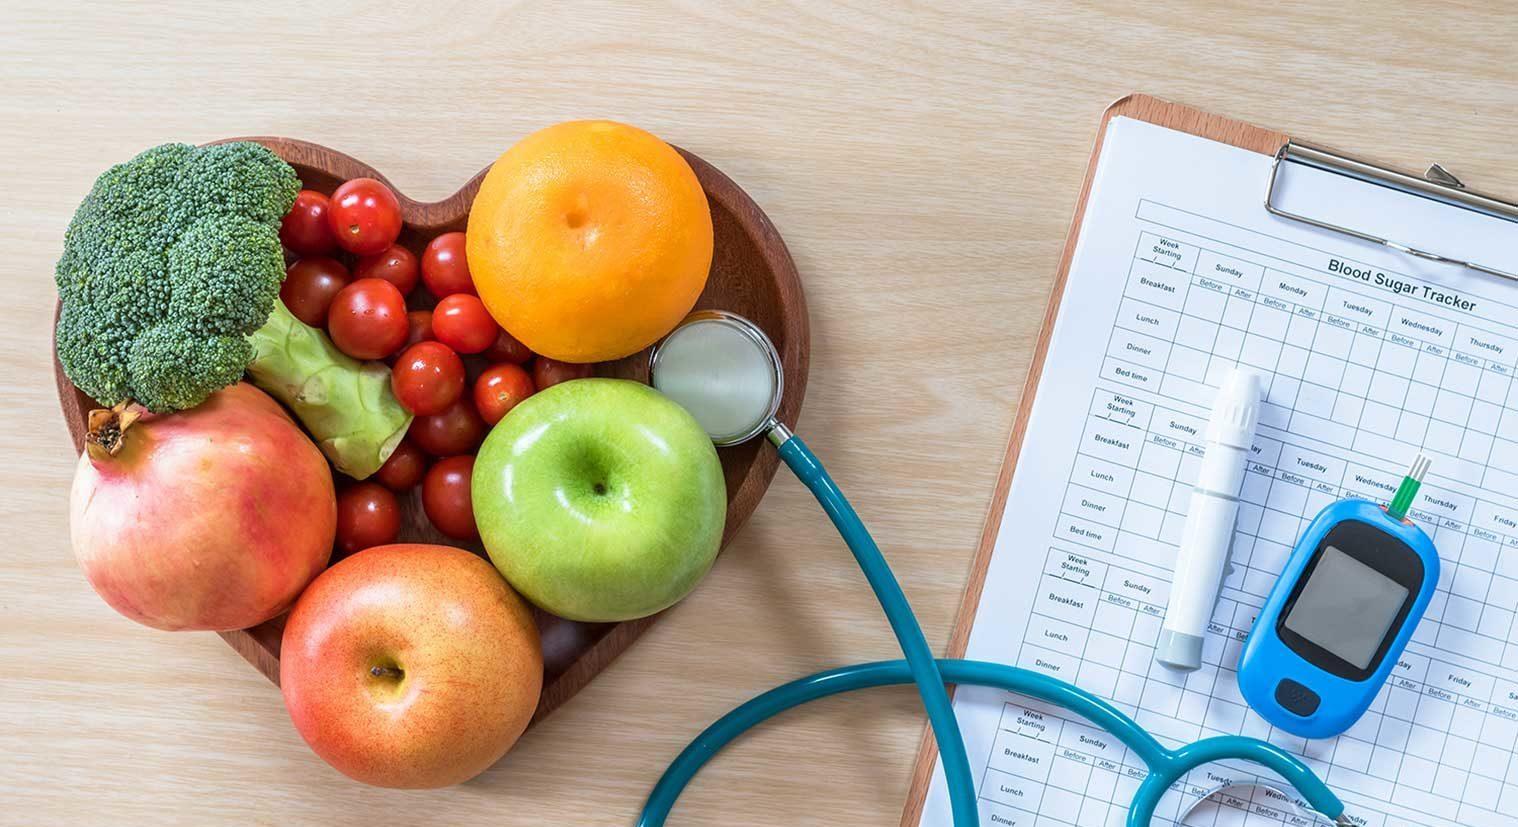 Gesundheit mit der richtigen Ernährung - Vita Fitness Wellness Gesundheitstraining